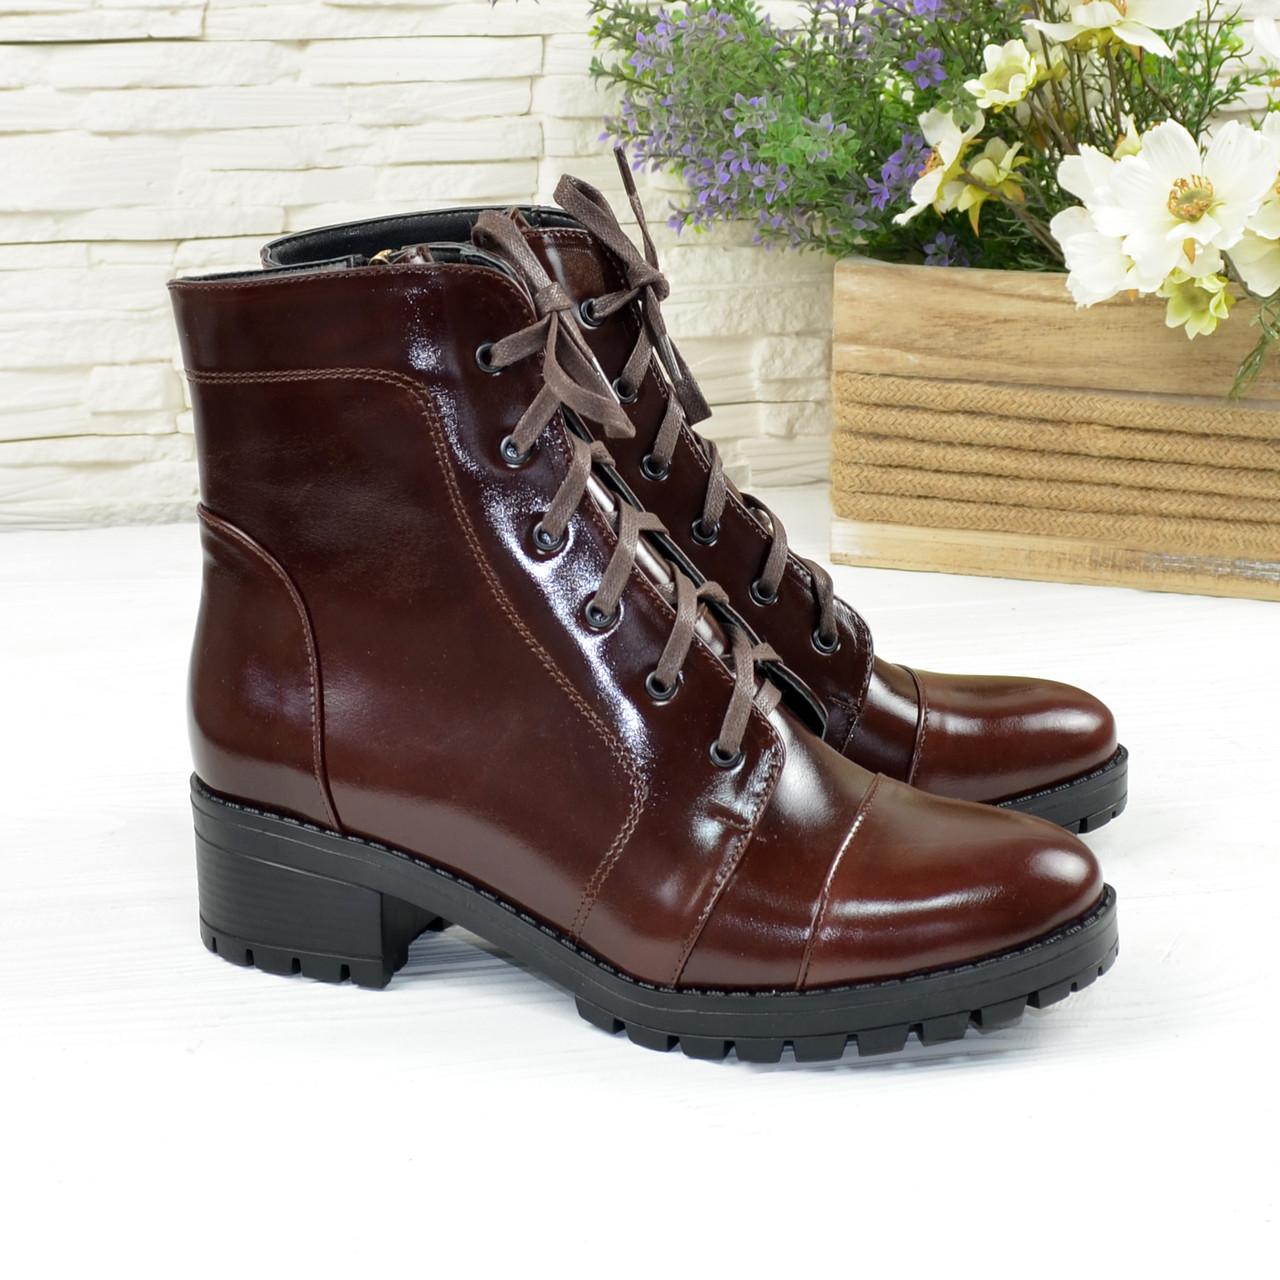 Ботинки коричневые женские   на устойчивом каблуке, натуральная кожа рабат.